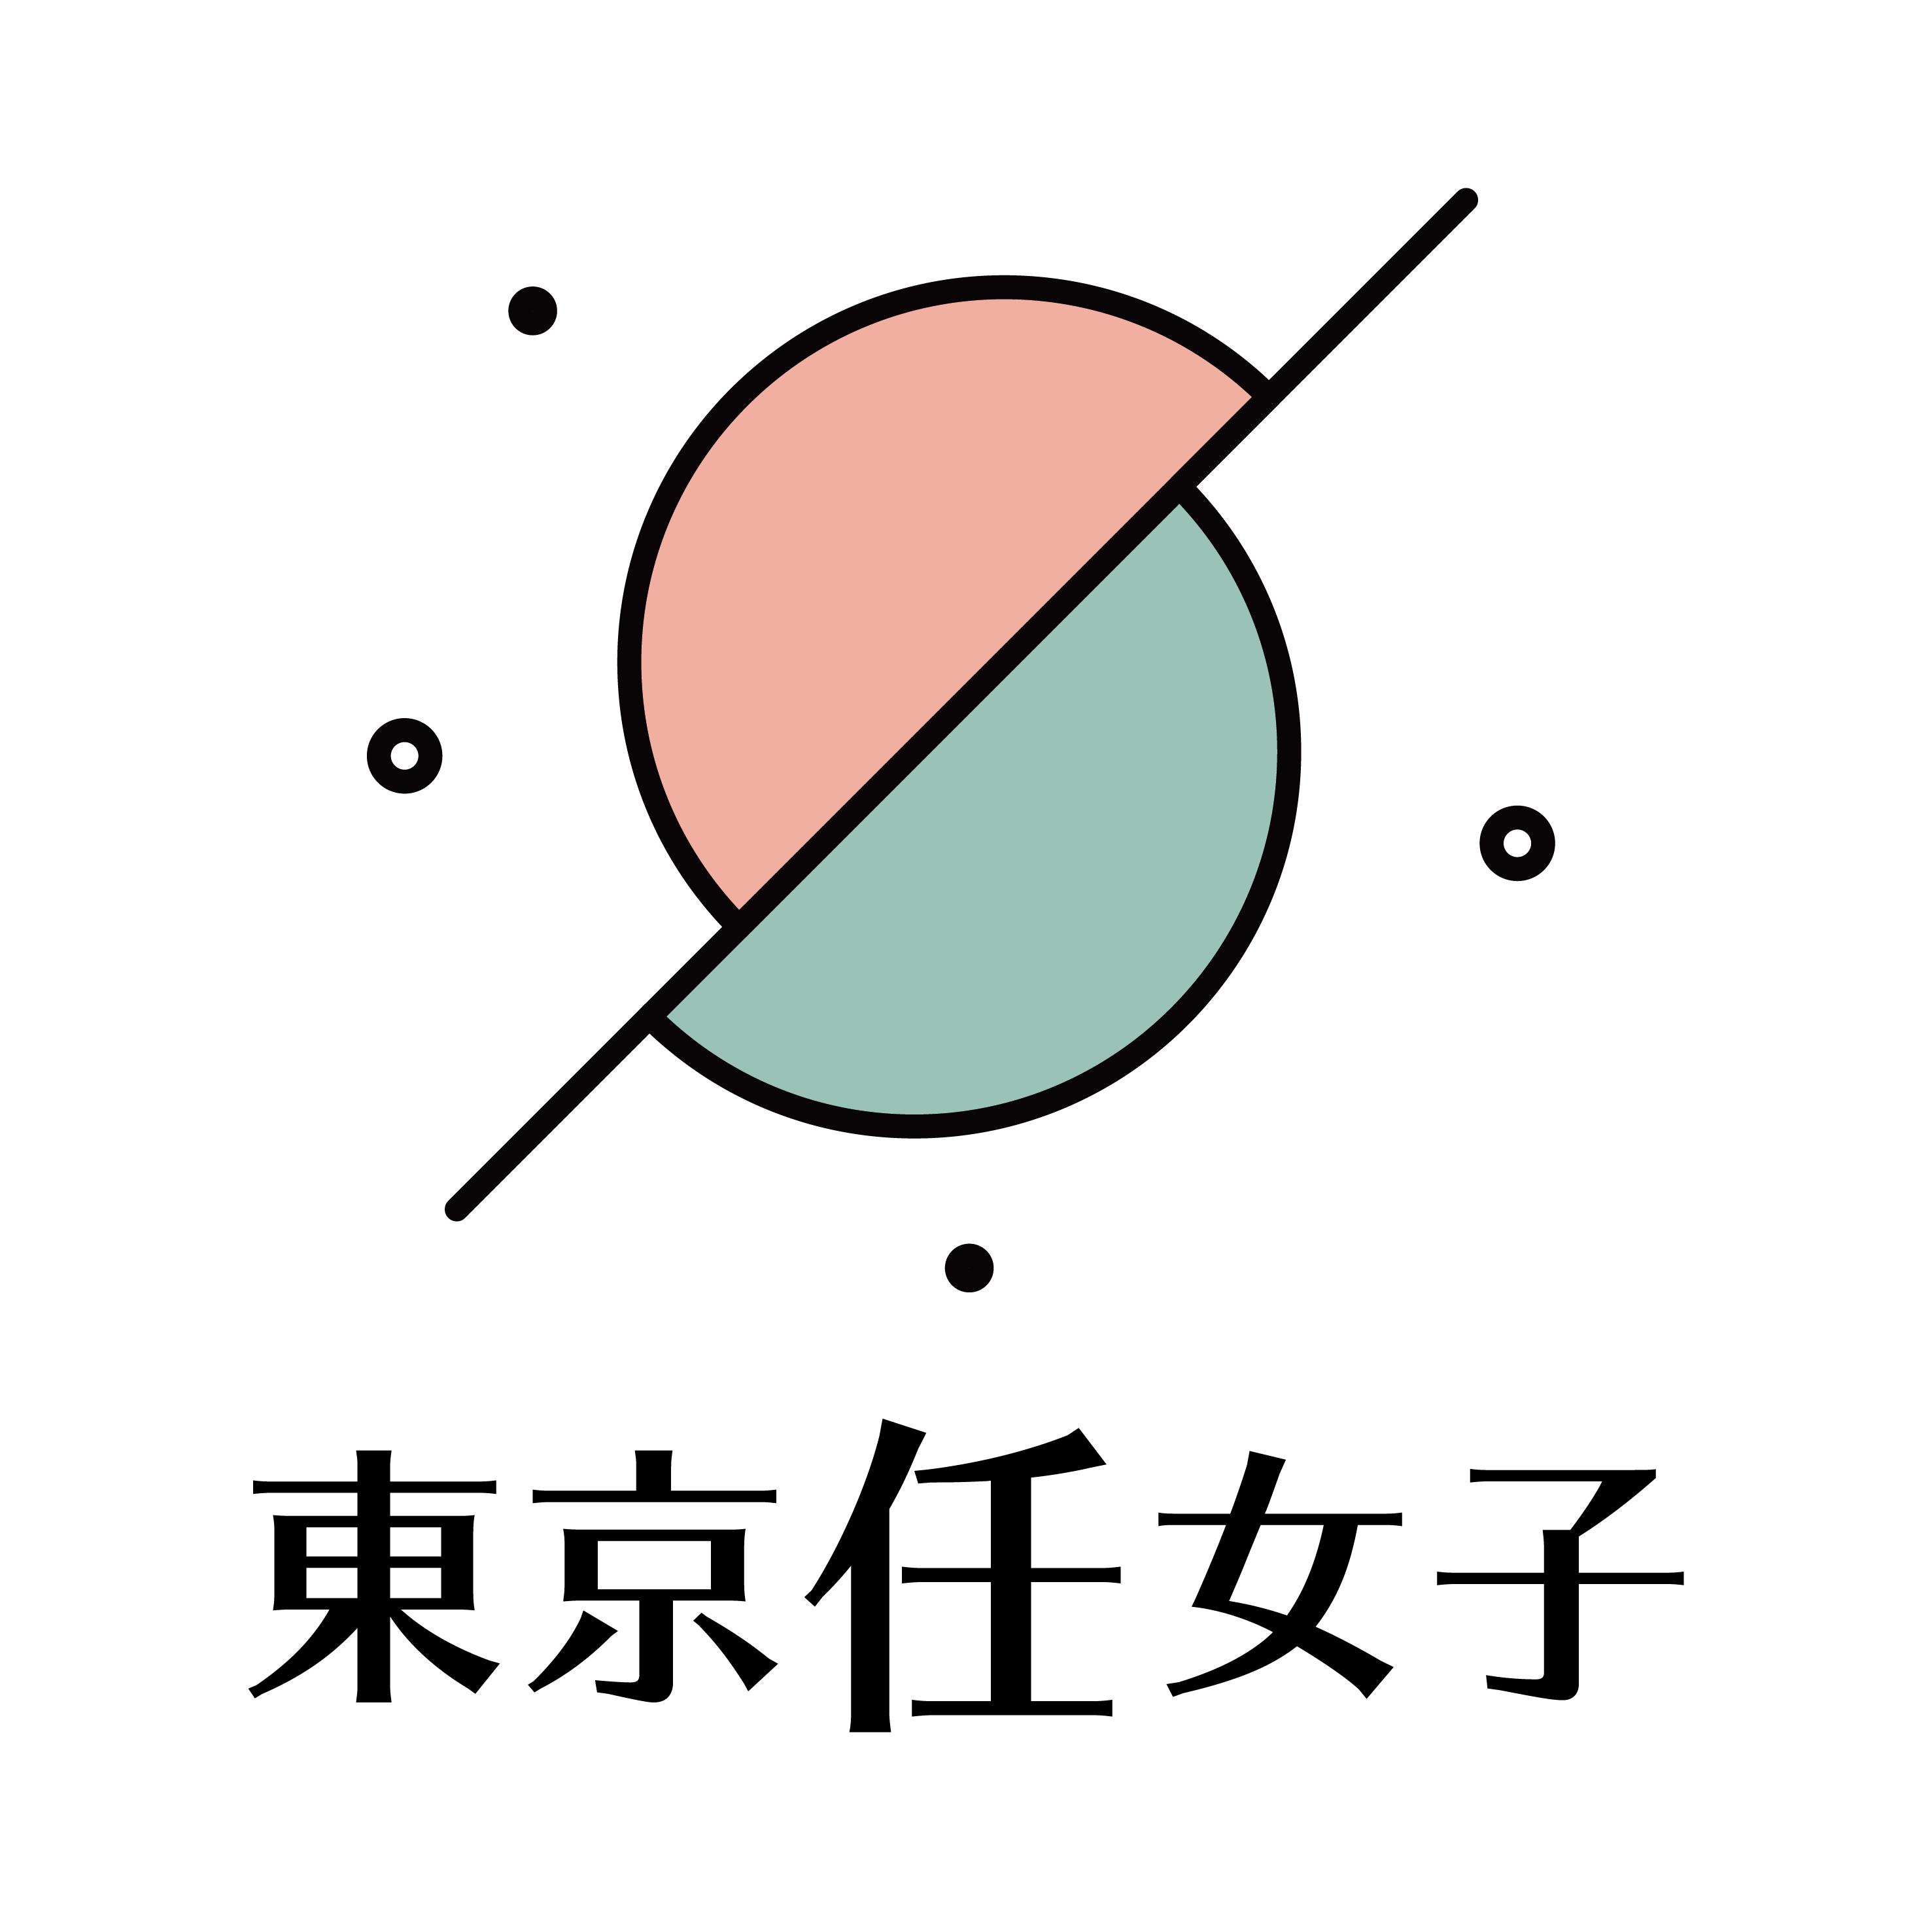 東京任女子Ep16:史上最難纏時代日本的真實求職分享記 